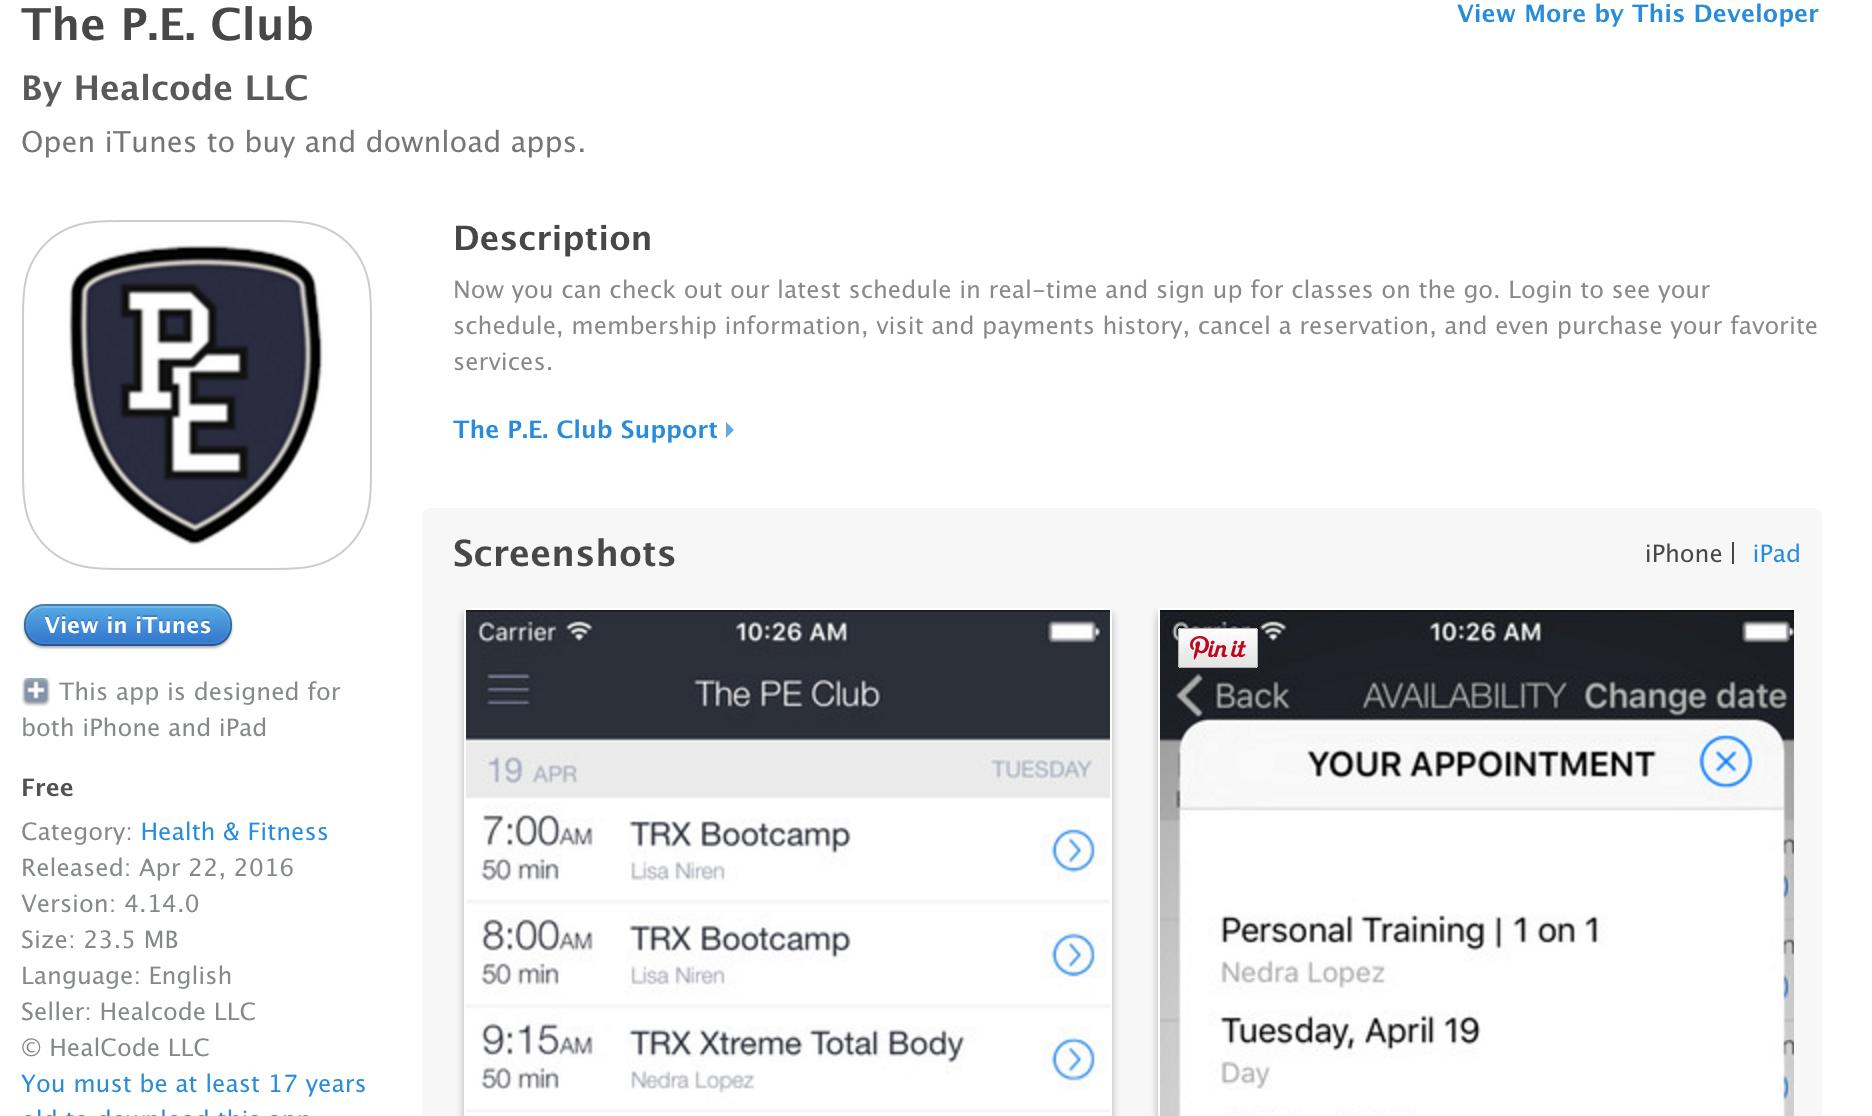 The P.E. Club App